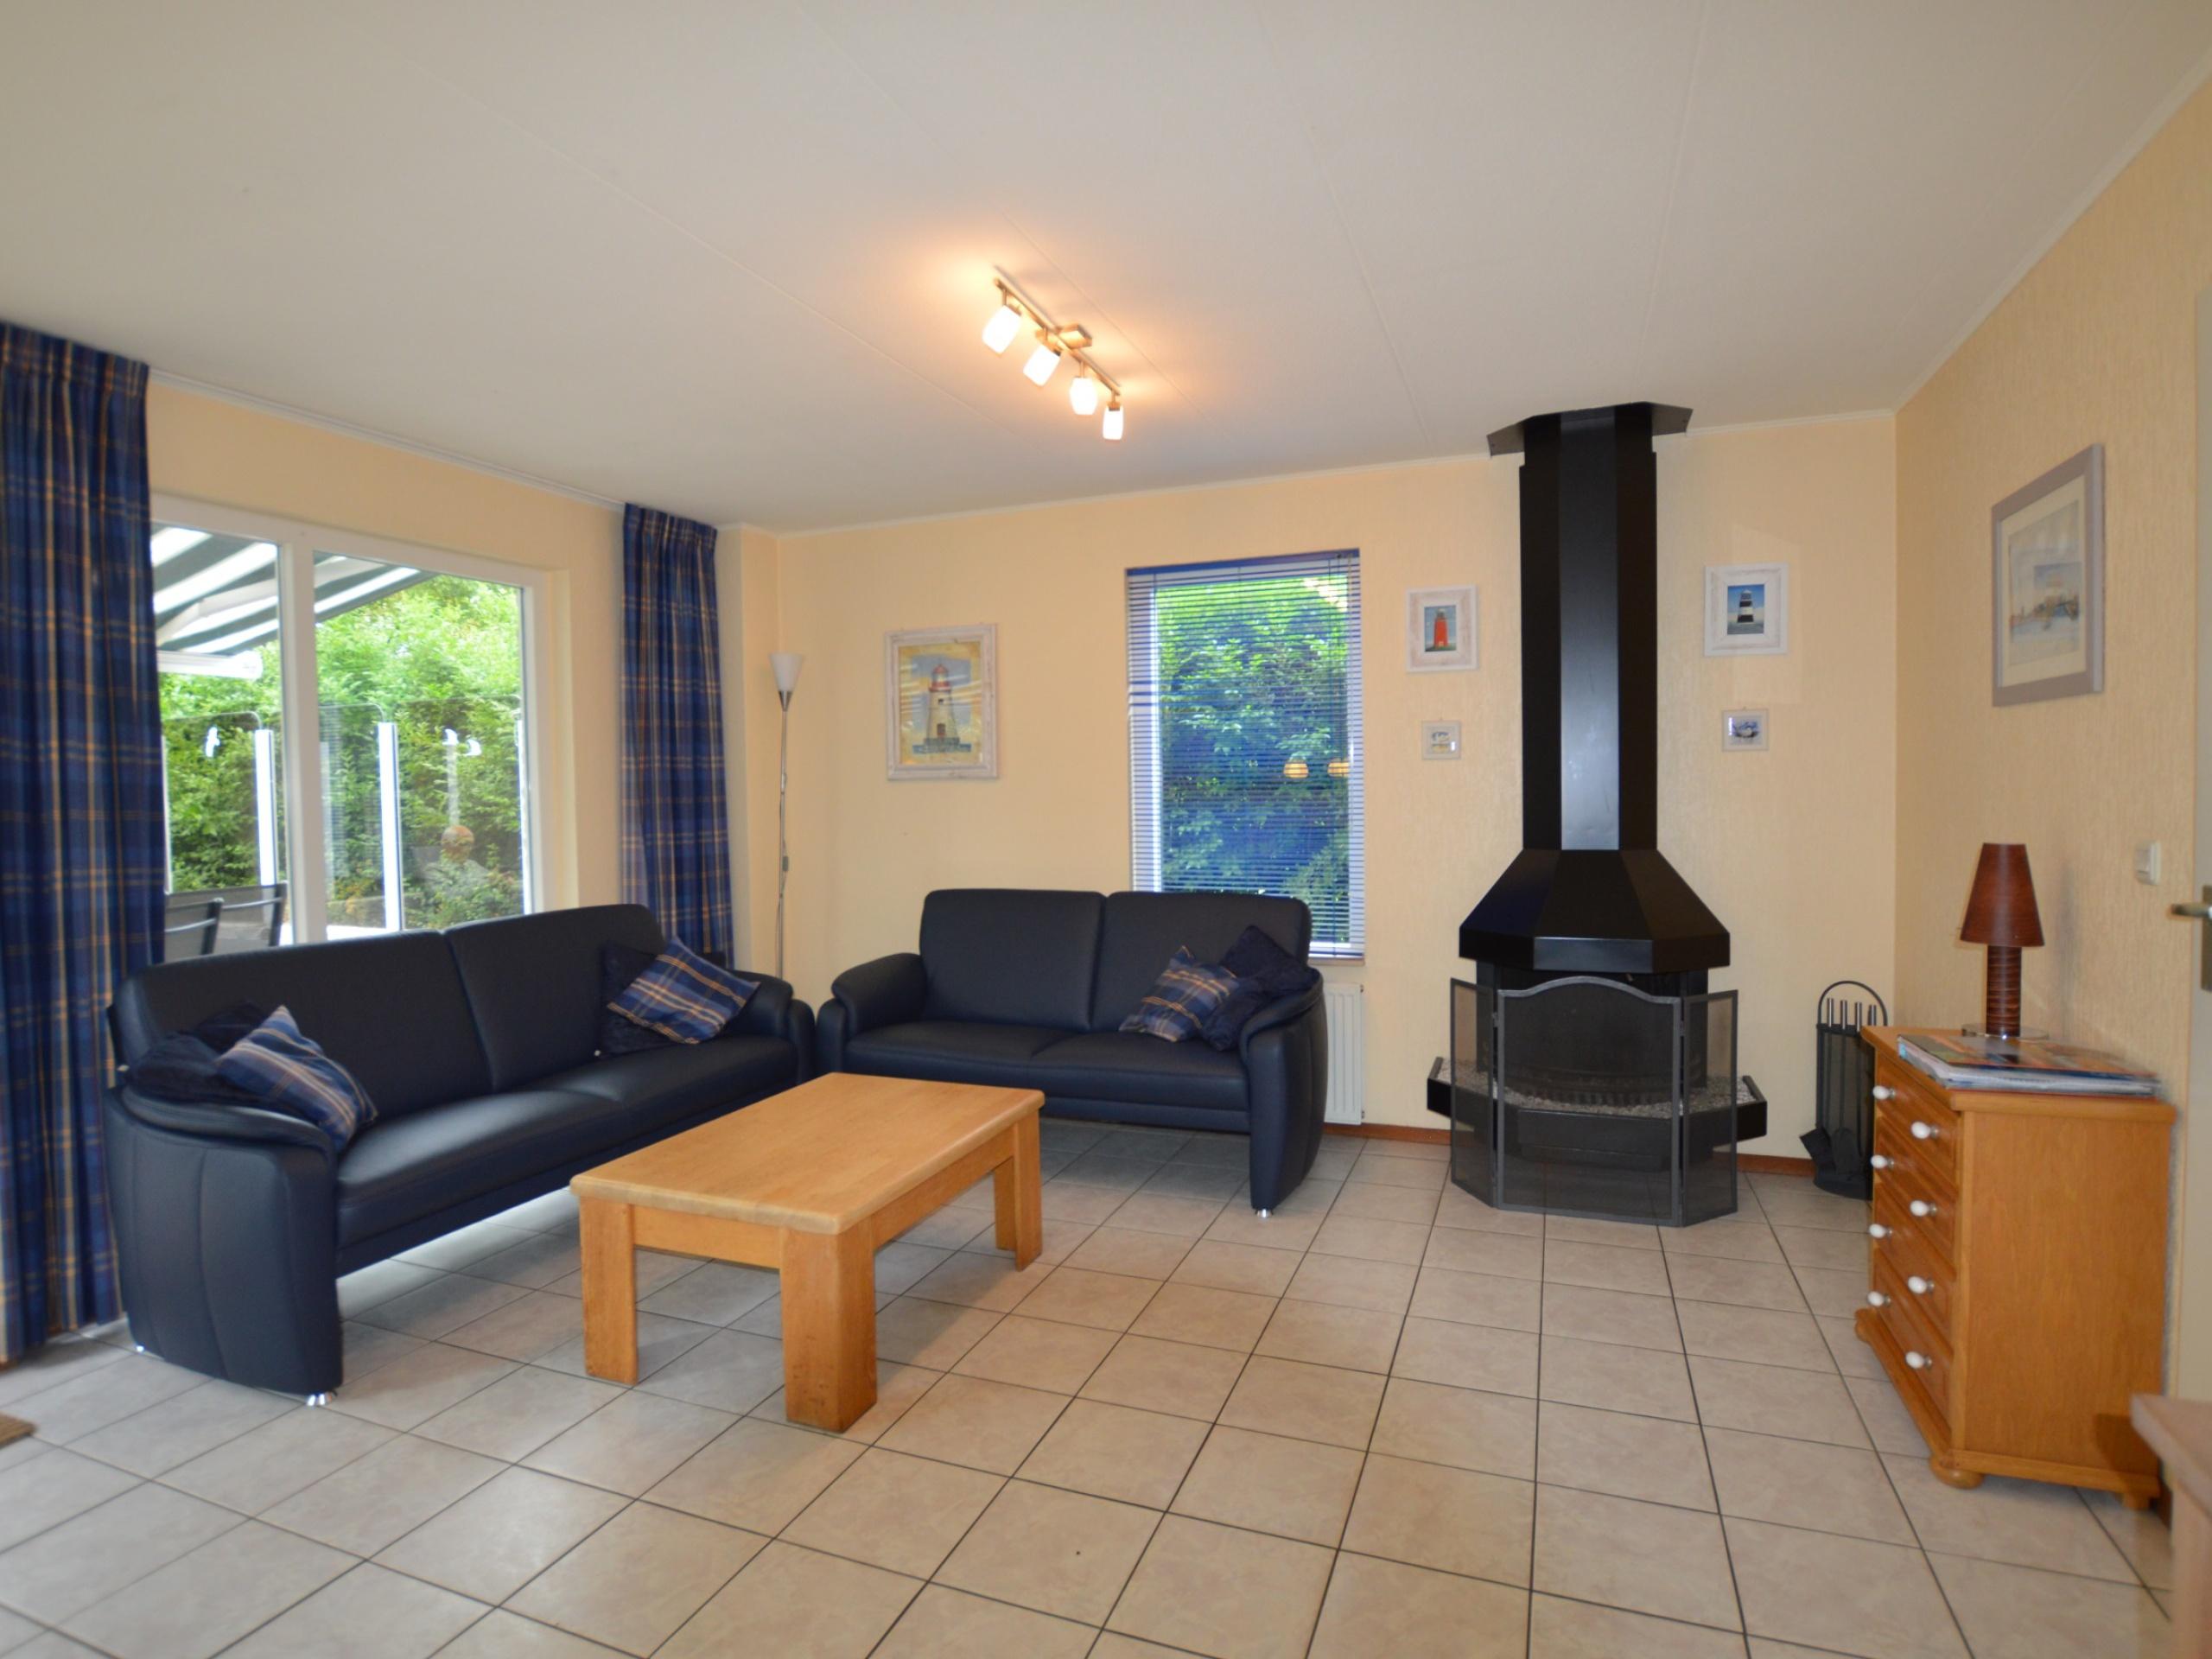 Komfortables Ferienhaus in De Koog, ruhig am Beach Park gelegen, nur wenige Gehminuten vom Zentrum und dem Strand entfernt.